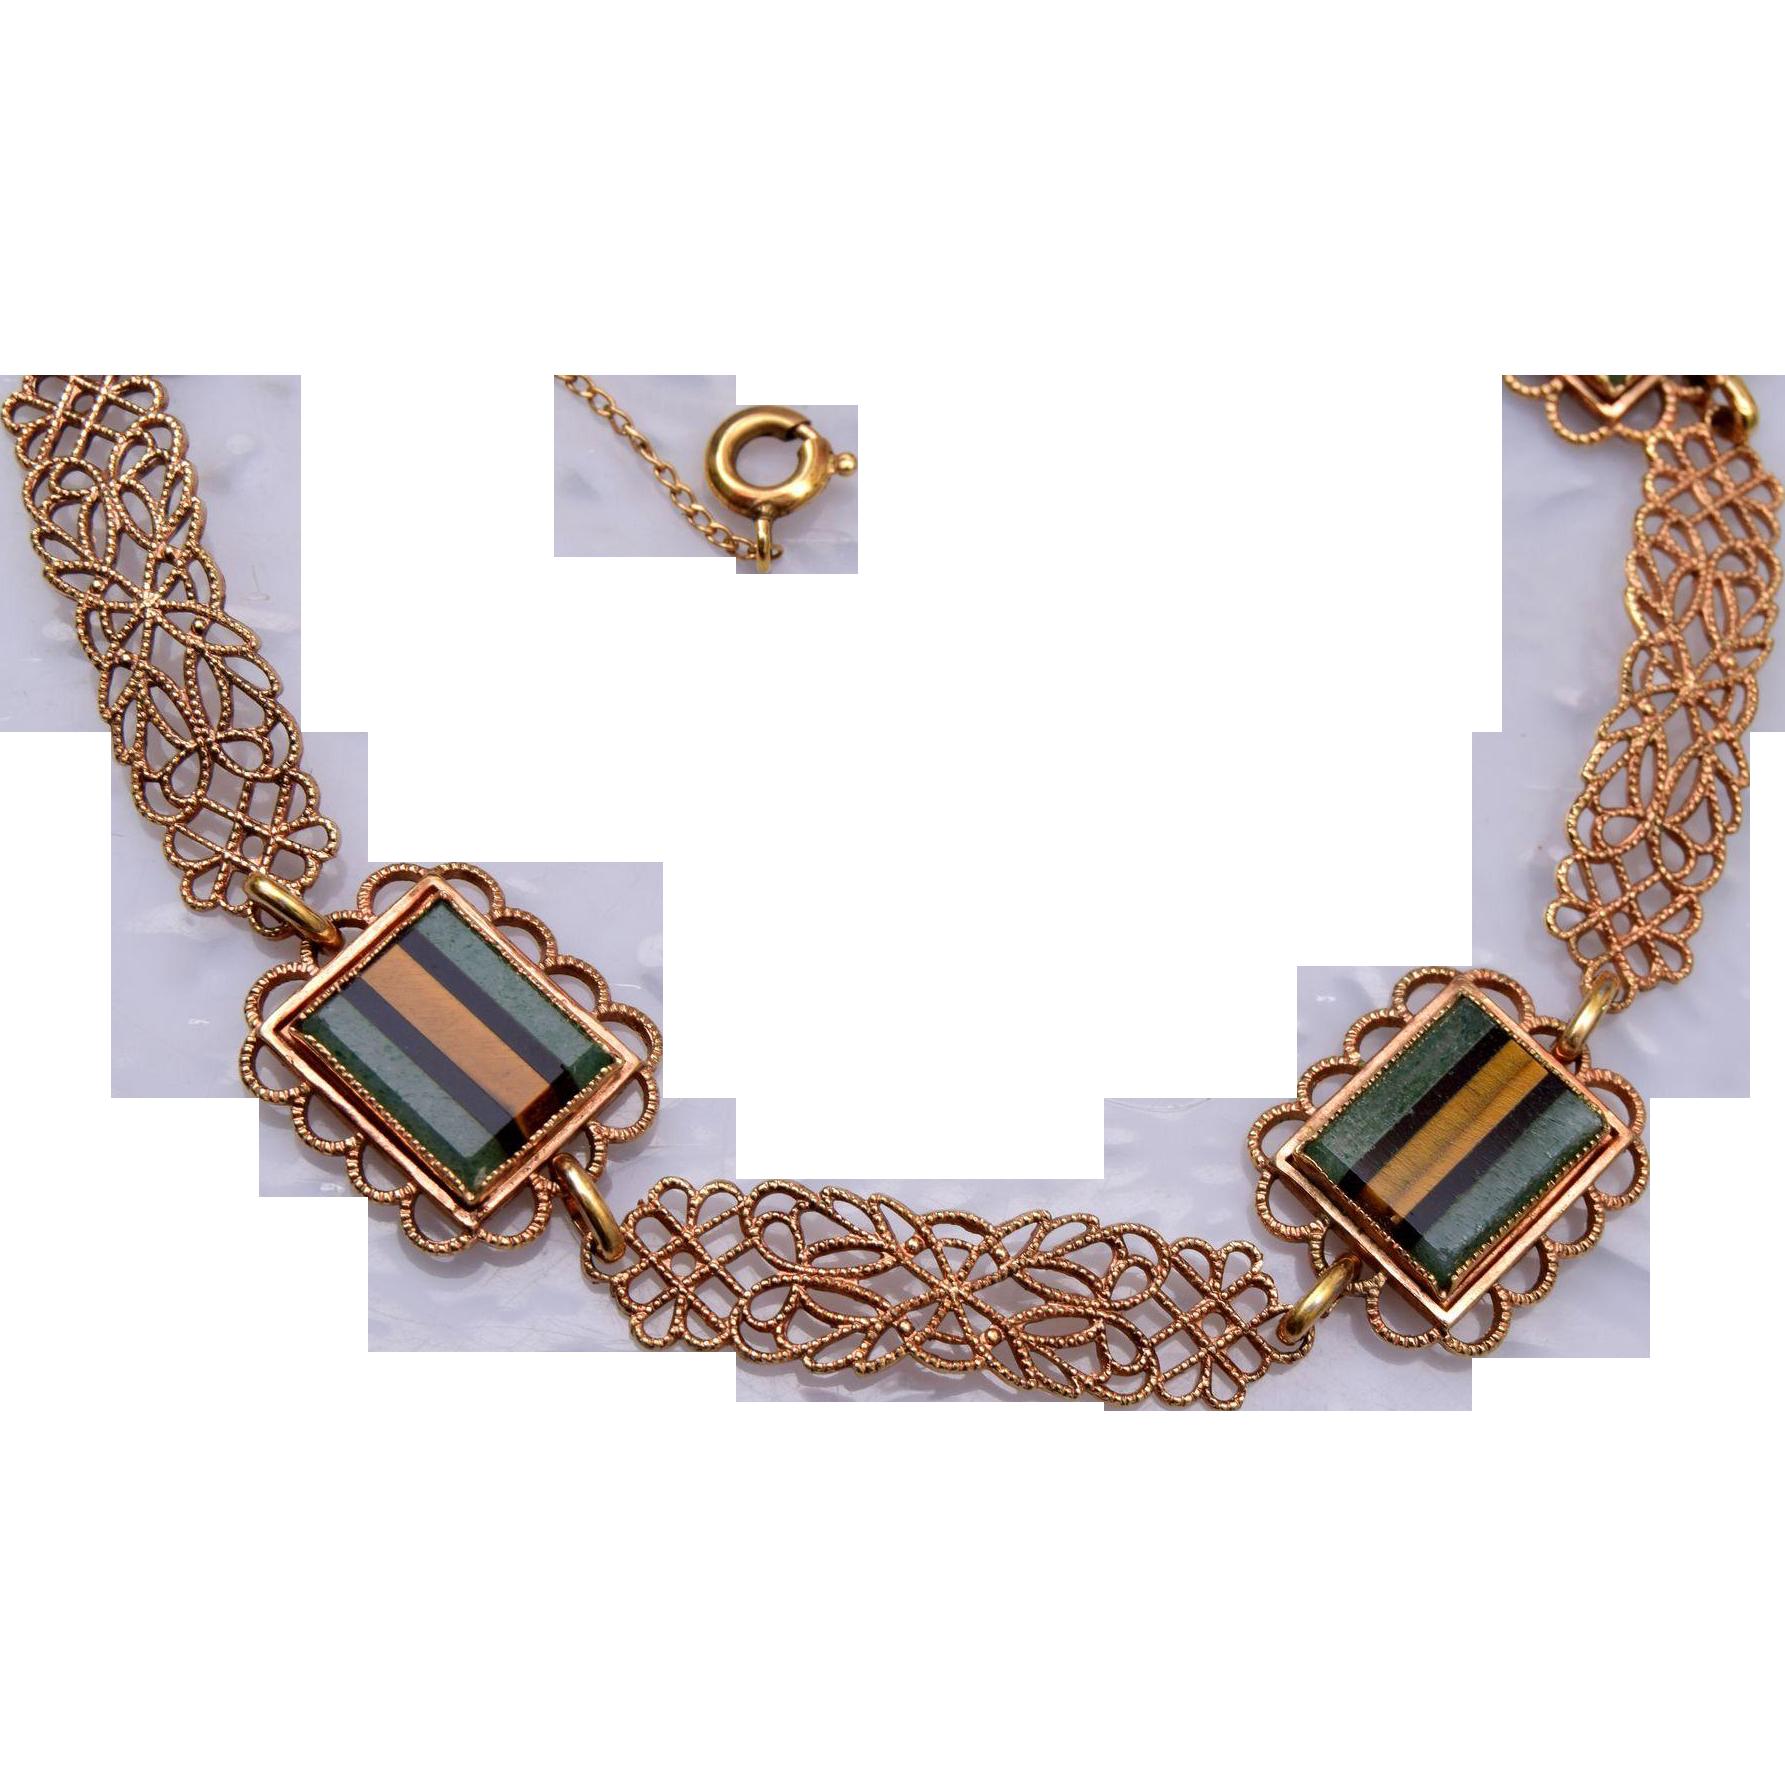 AMCO 14kt gold filled Natural Stone Bracelet